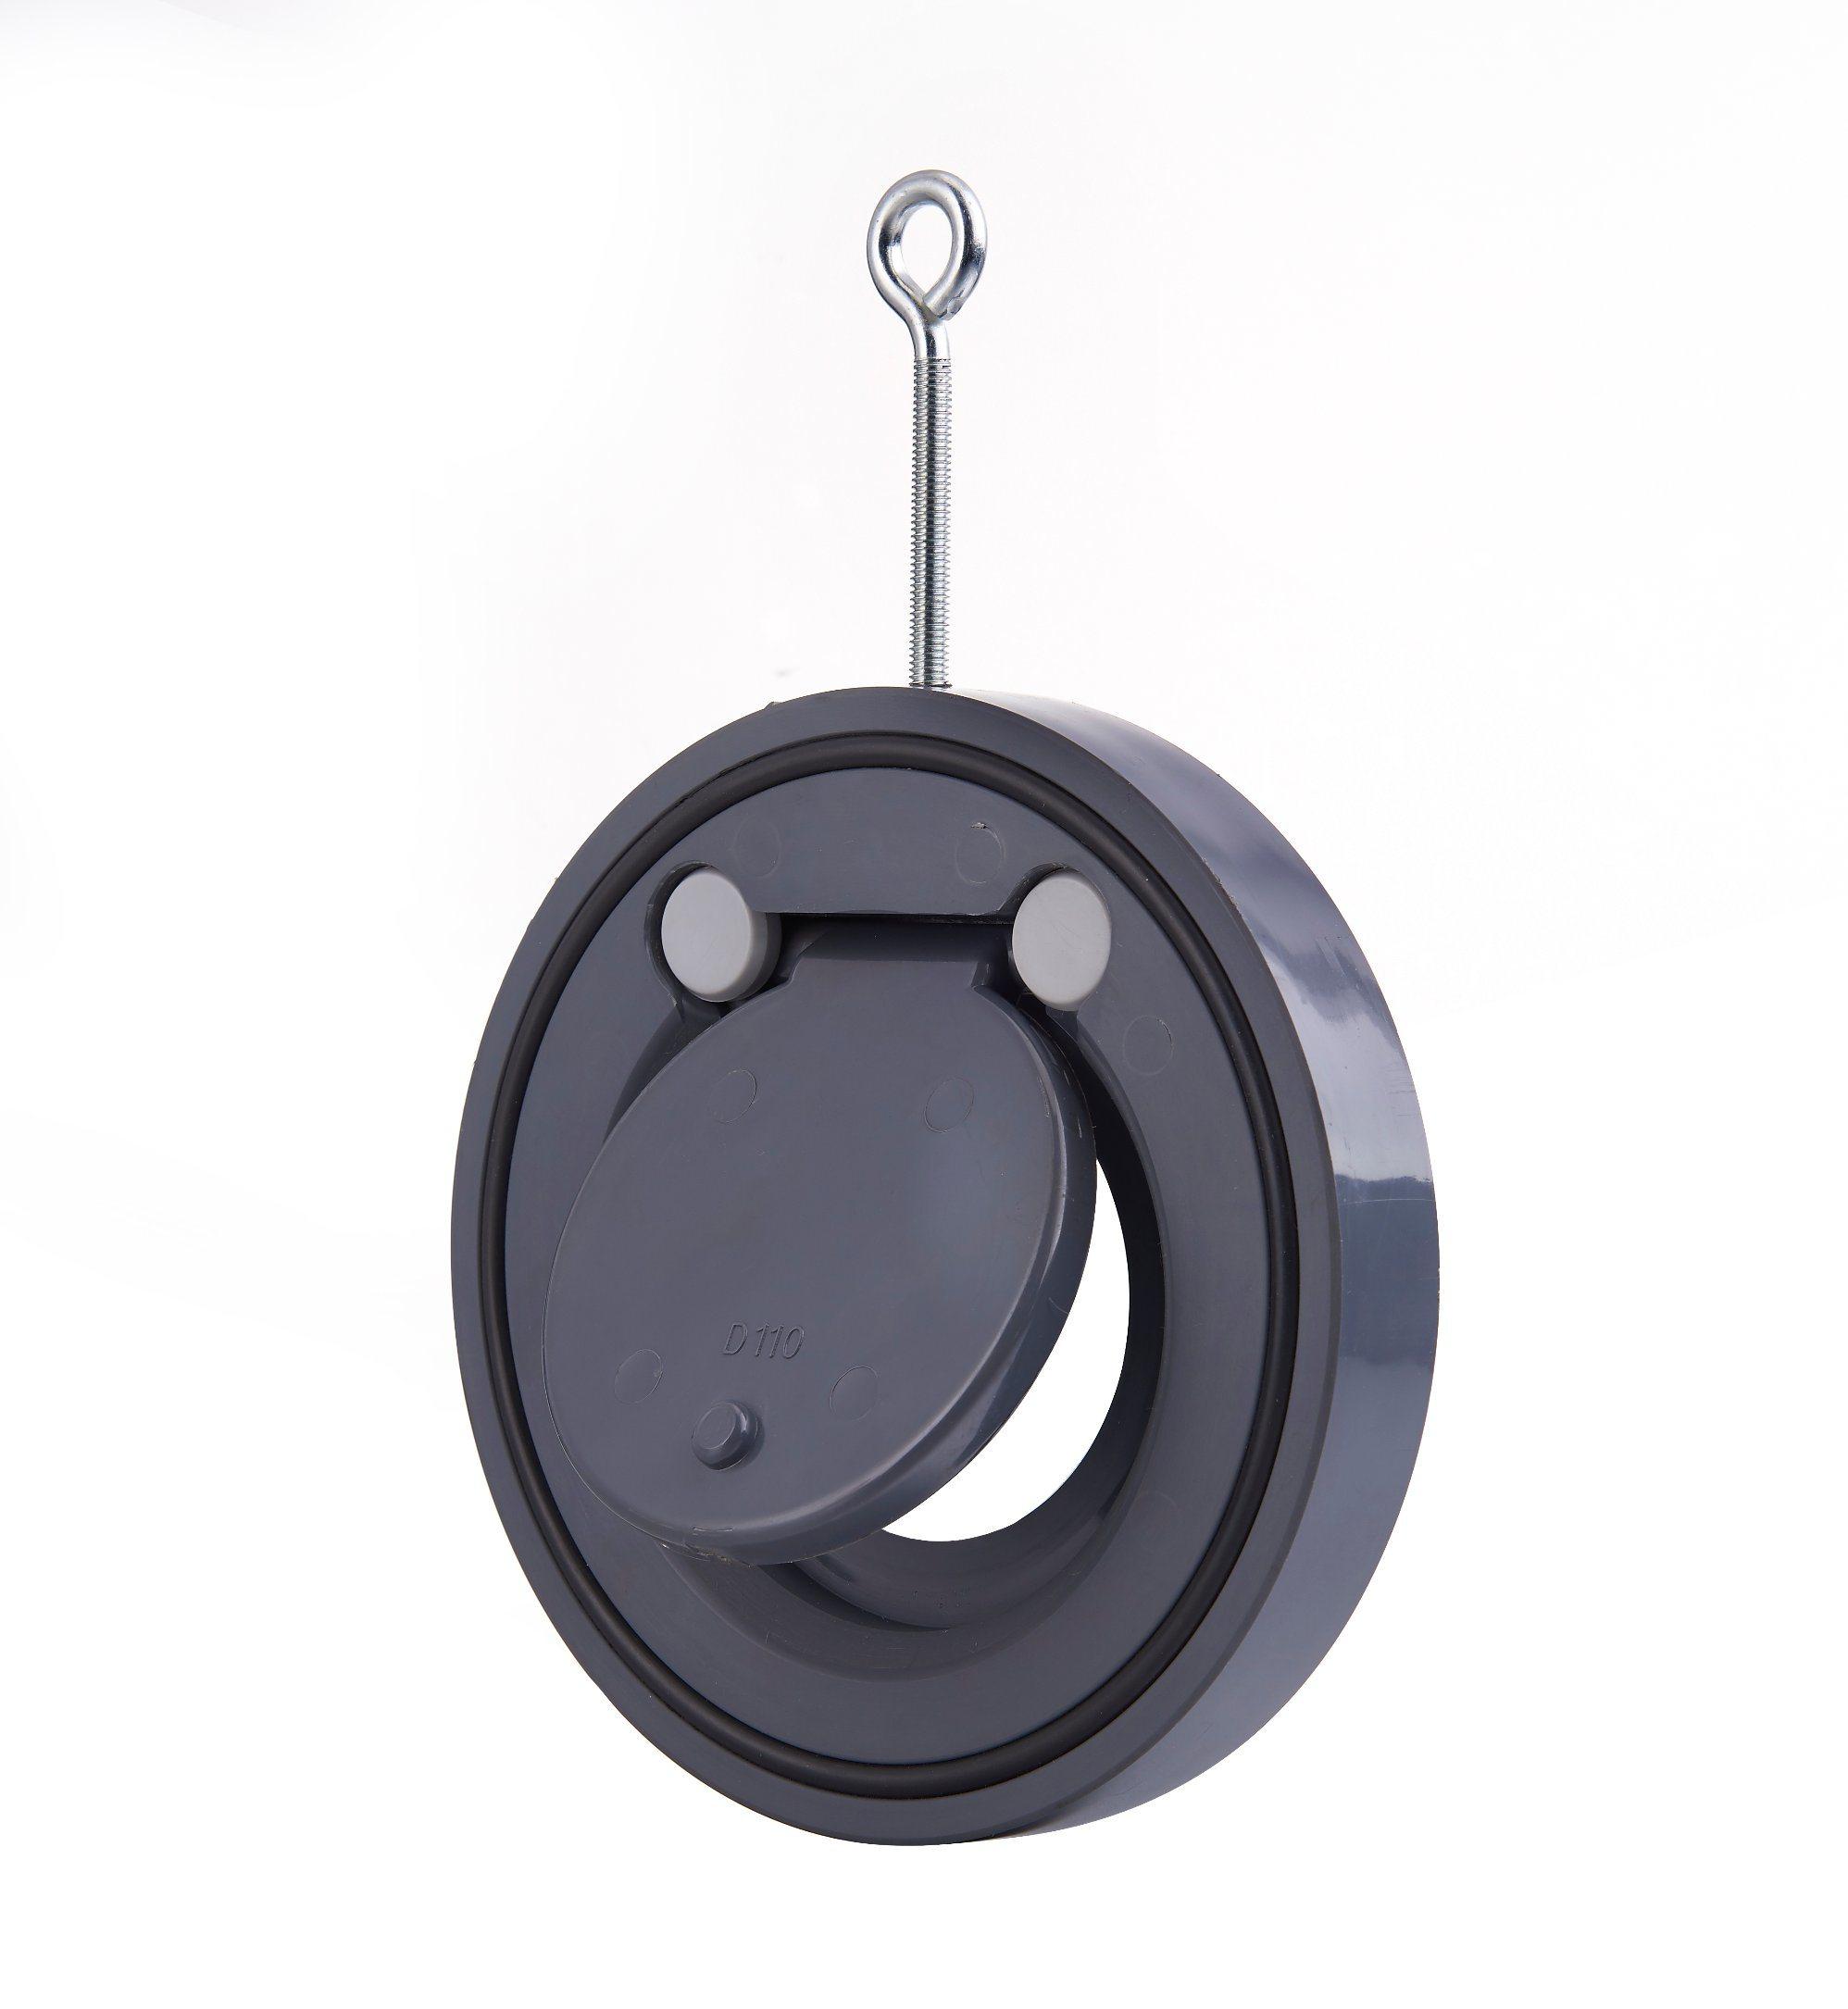 PVC Wafer Check Valve /Gate Valve/Swing Check Valve/Stop Valve/Industrial Valve/Butterfly Valve/Flap Type Valve (Socket)